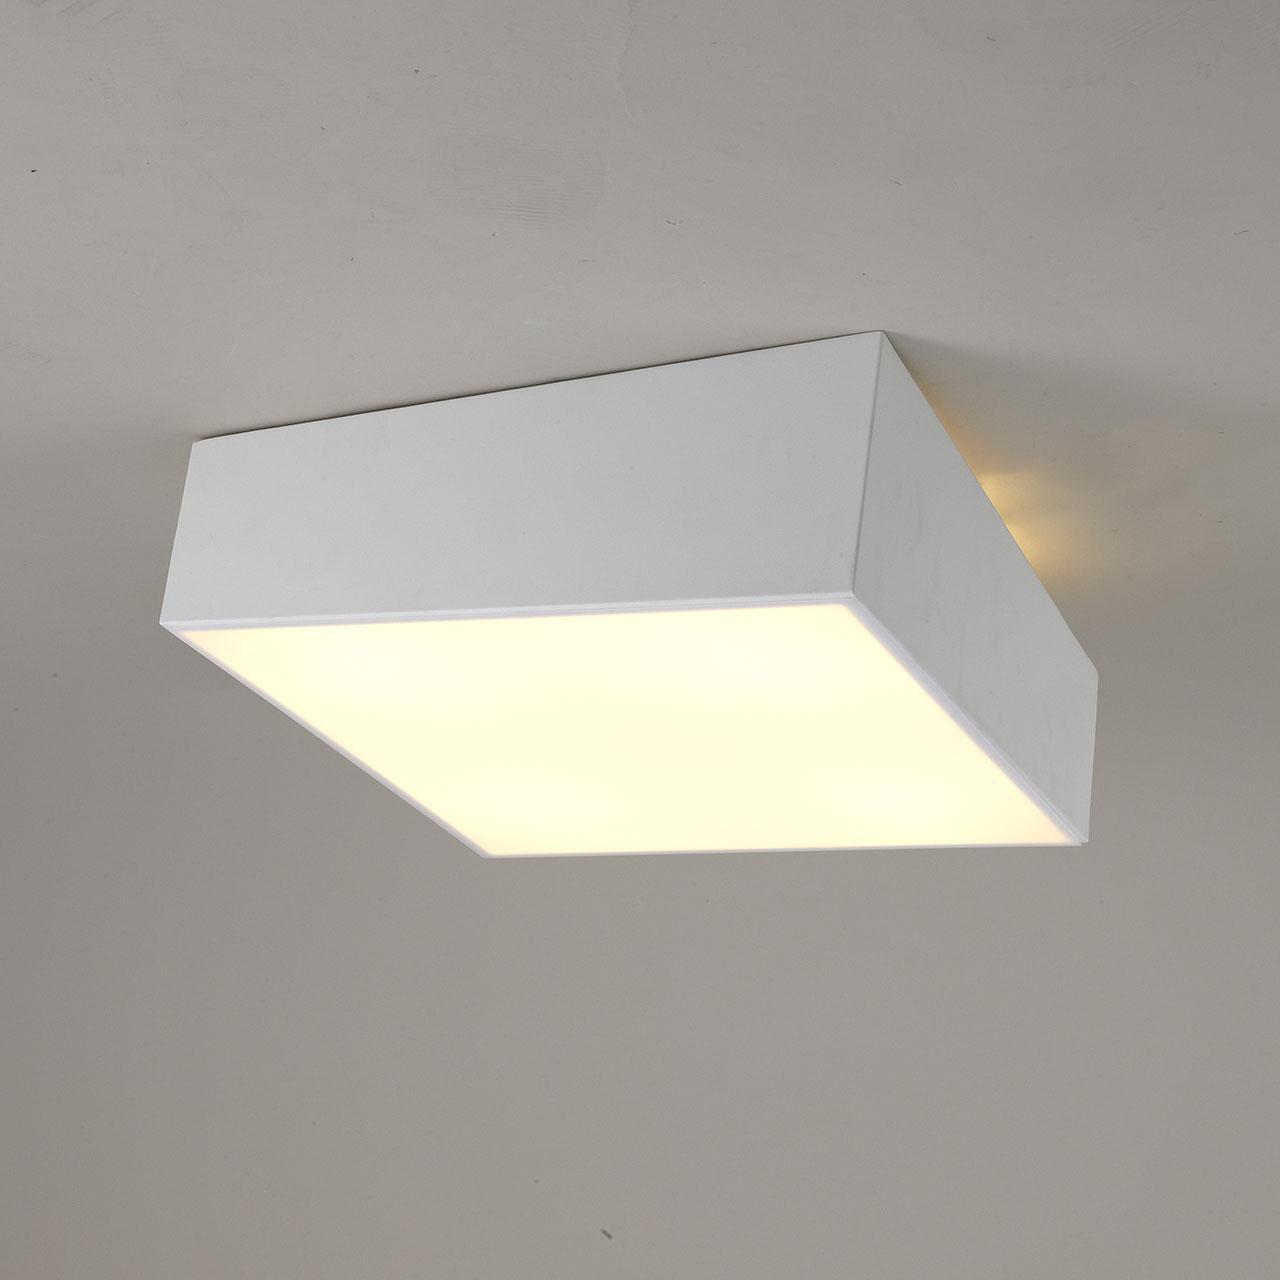 Потолочный светильник Mantra Mini 6162 потолочный светильник mantra mini 6168